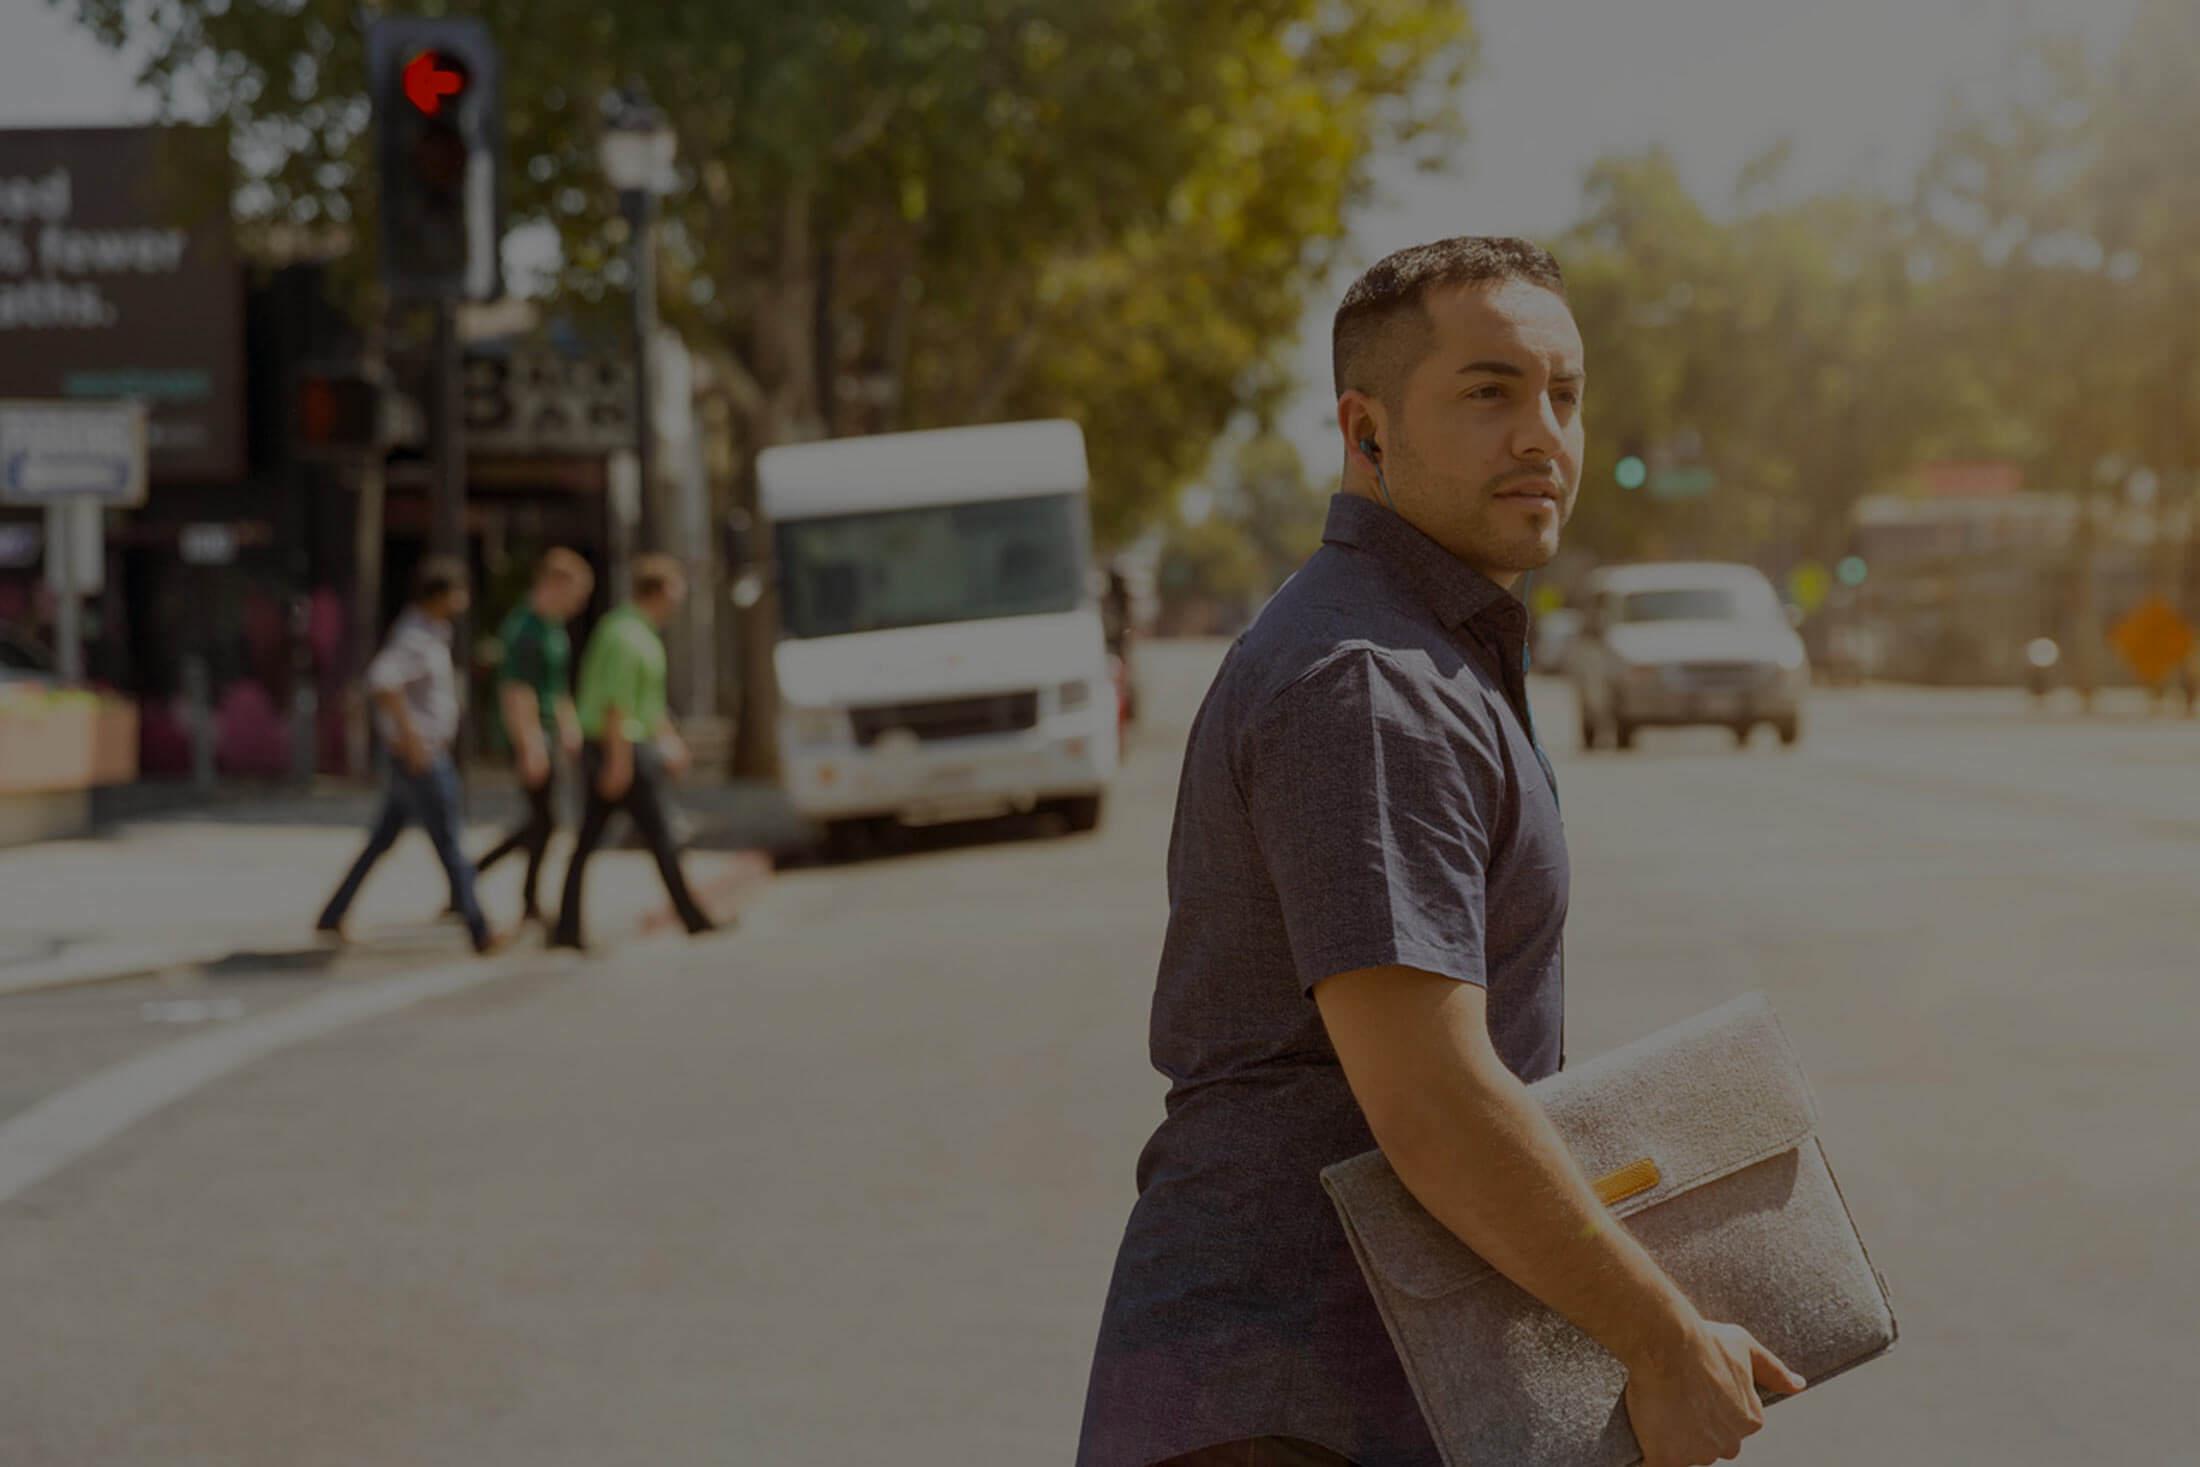 Pole emploi - offre emploi Cuisinier à jarrie (H/F) - Grenoble